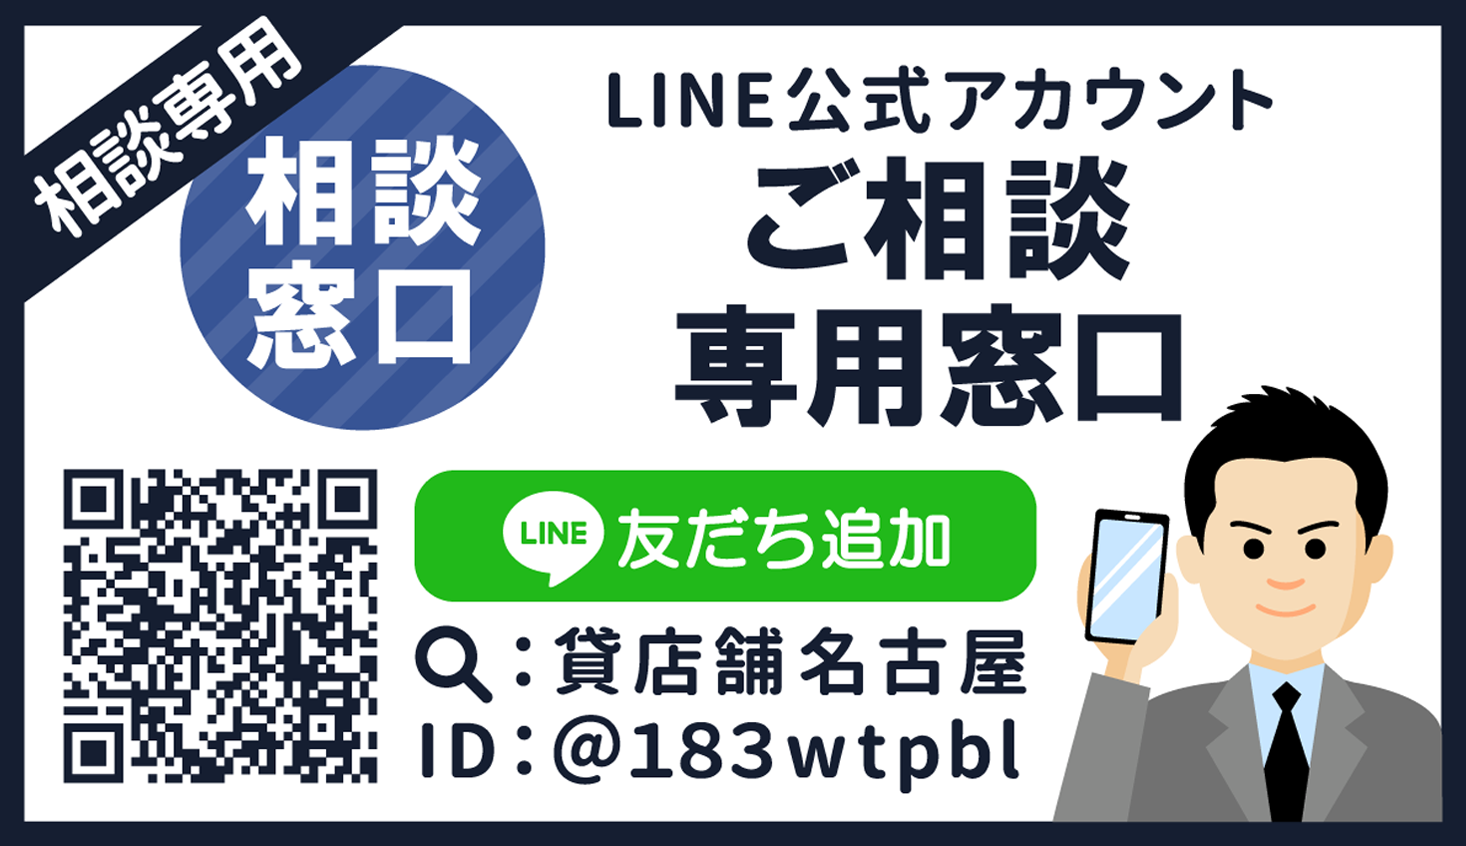 貸店舗名古屋LINE公式相談専用窓口